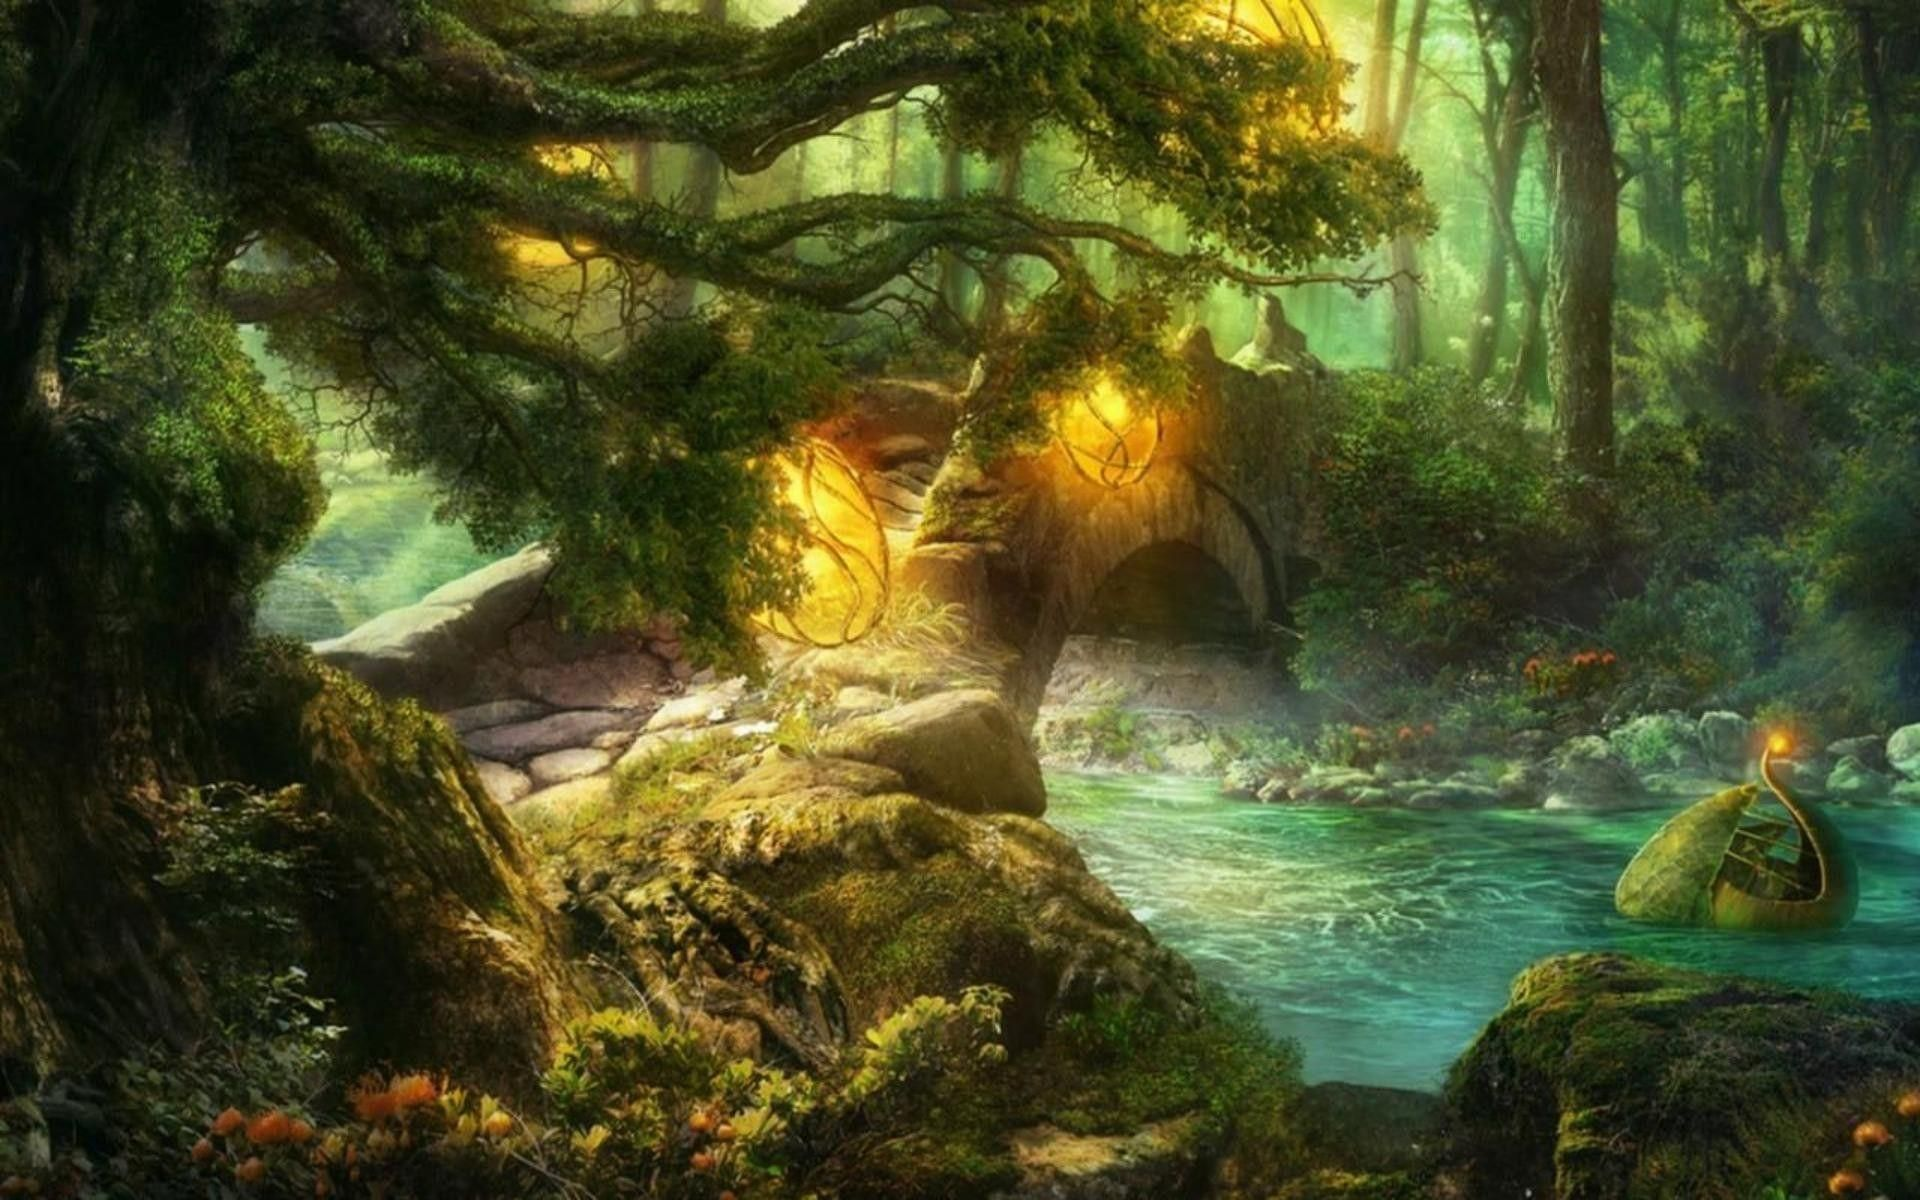 Hình nền 1920x1200 Của Truyện Cổ Tích.  Hình nền rừng, Truyện cổ tích, Phông nền vườn